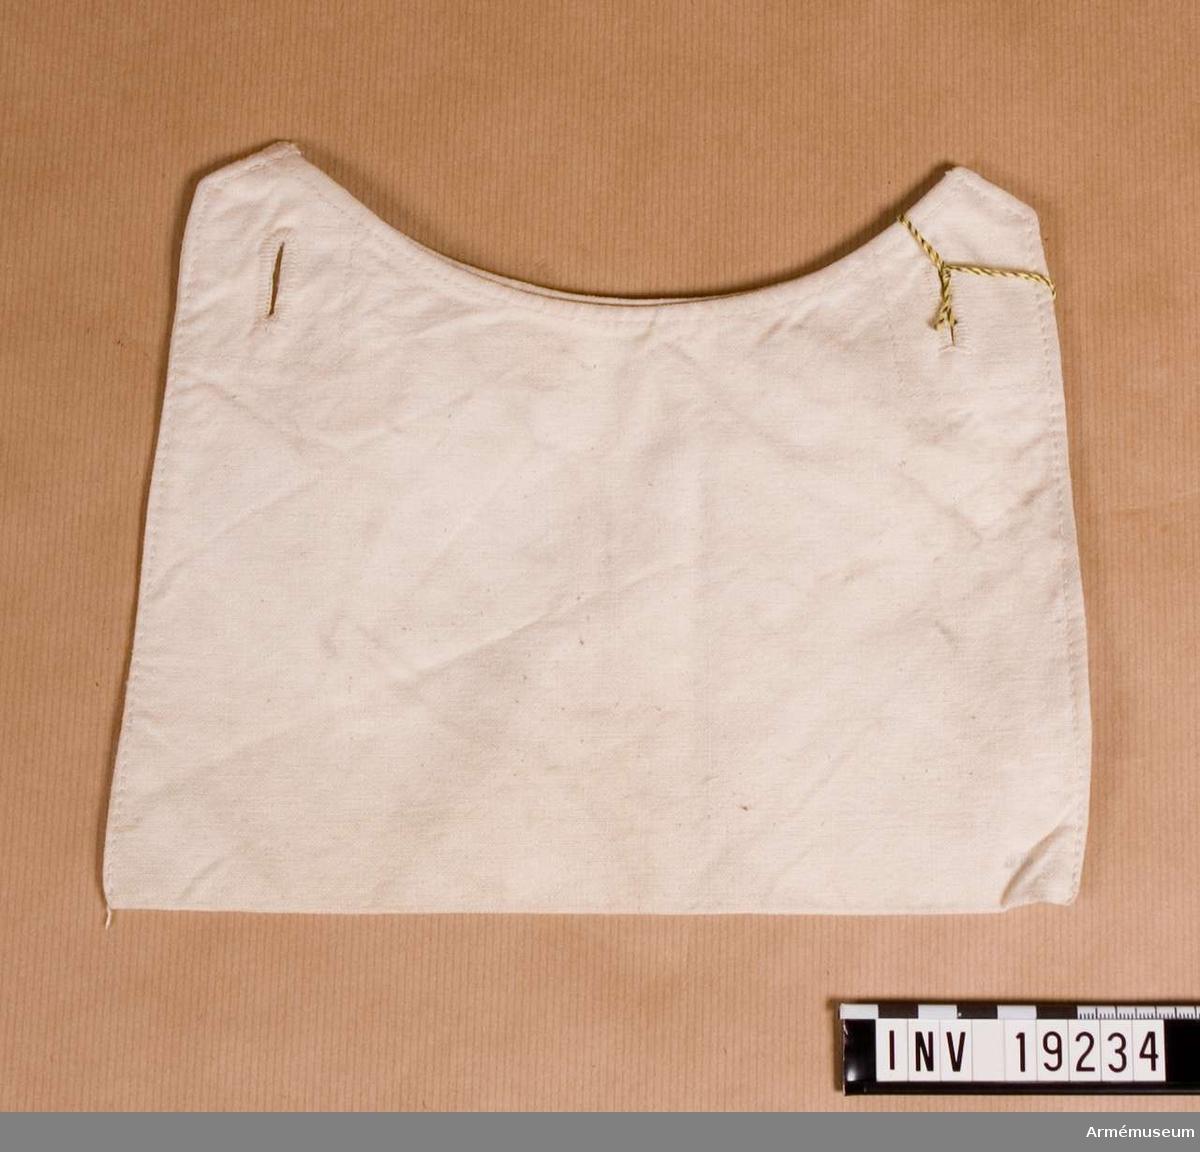 Sydd av vit smärting. På den ena påsväggen finns två knapphål sydda för att knäppas mot två knappar i mattornistern. Användes för smörgåsar och dylik proviant. Förvaras i väskan AM.019233.